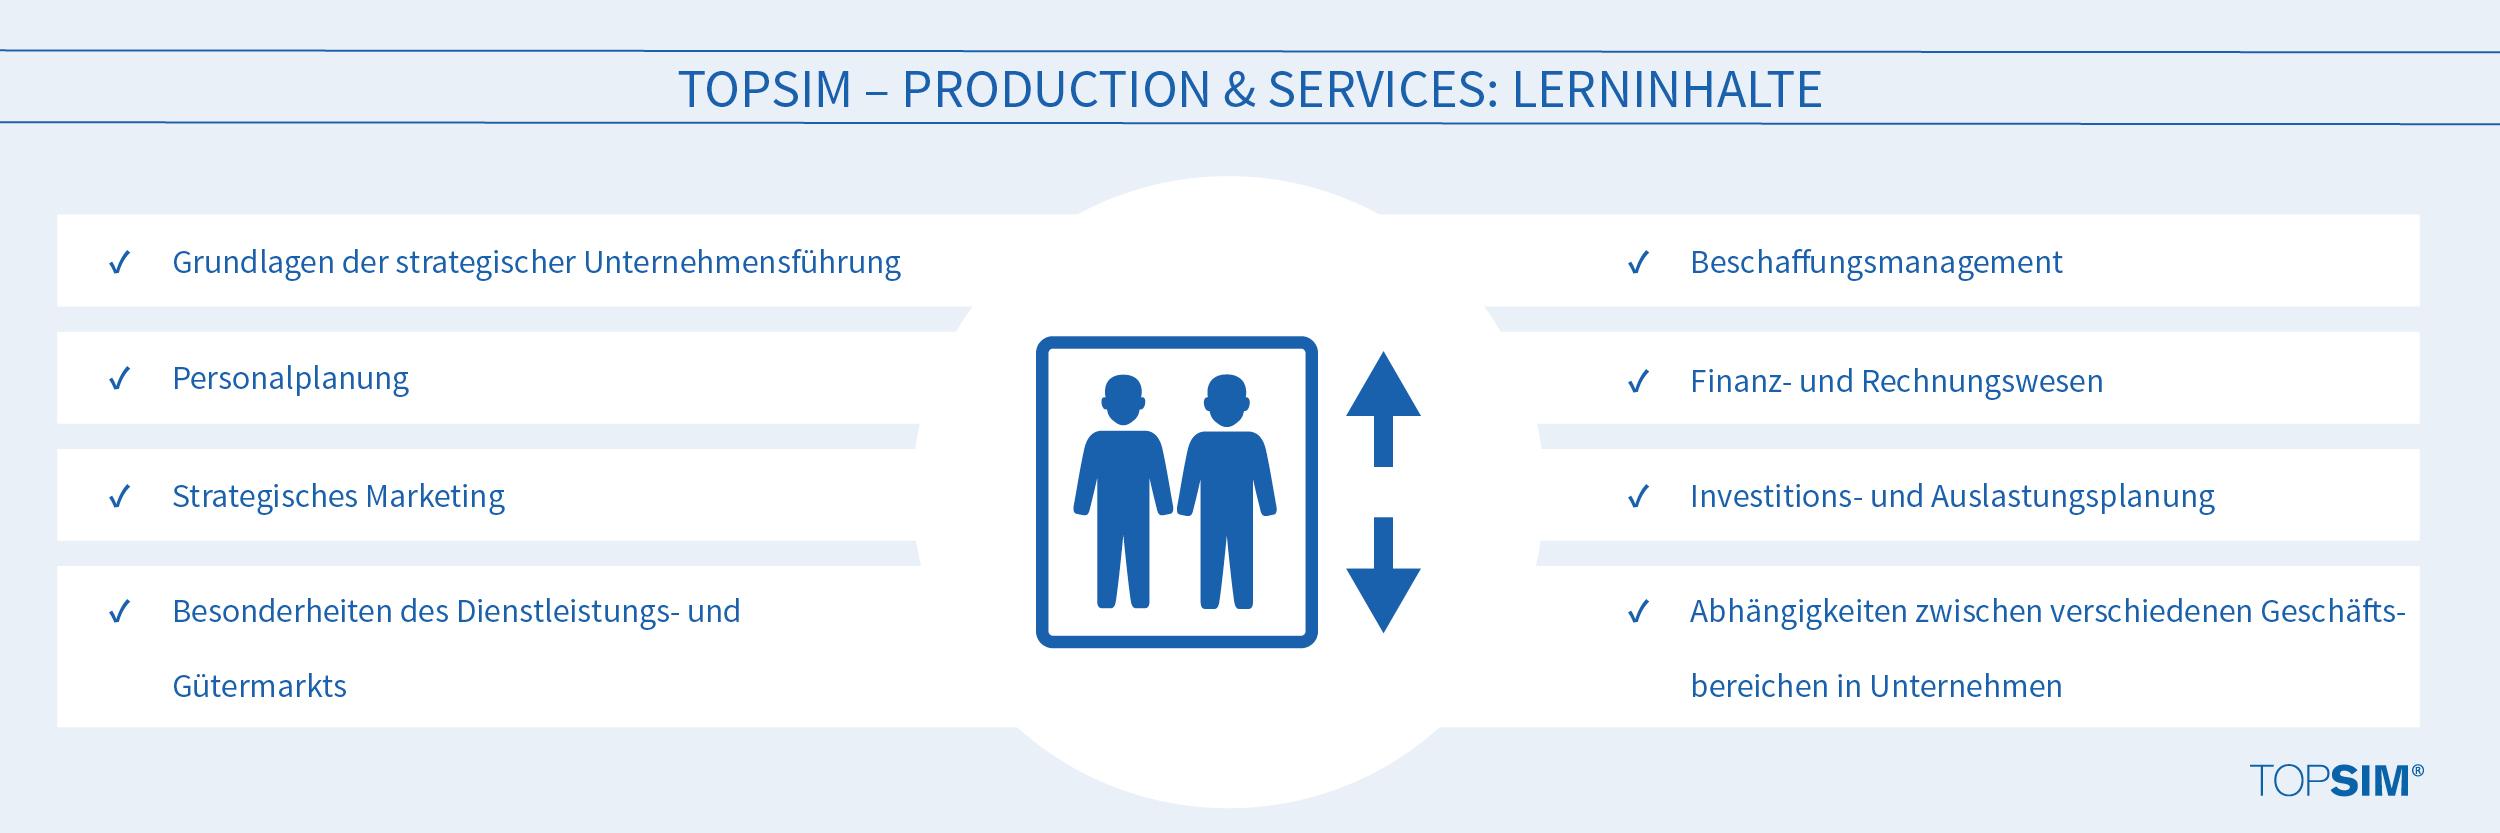 TOPSIM – Production & Services: Lerninhalte